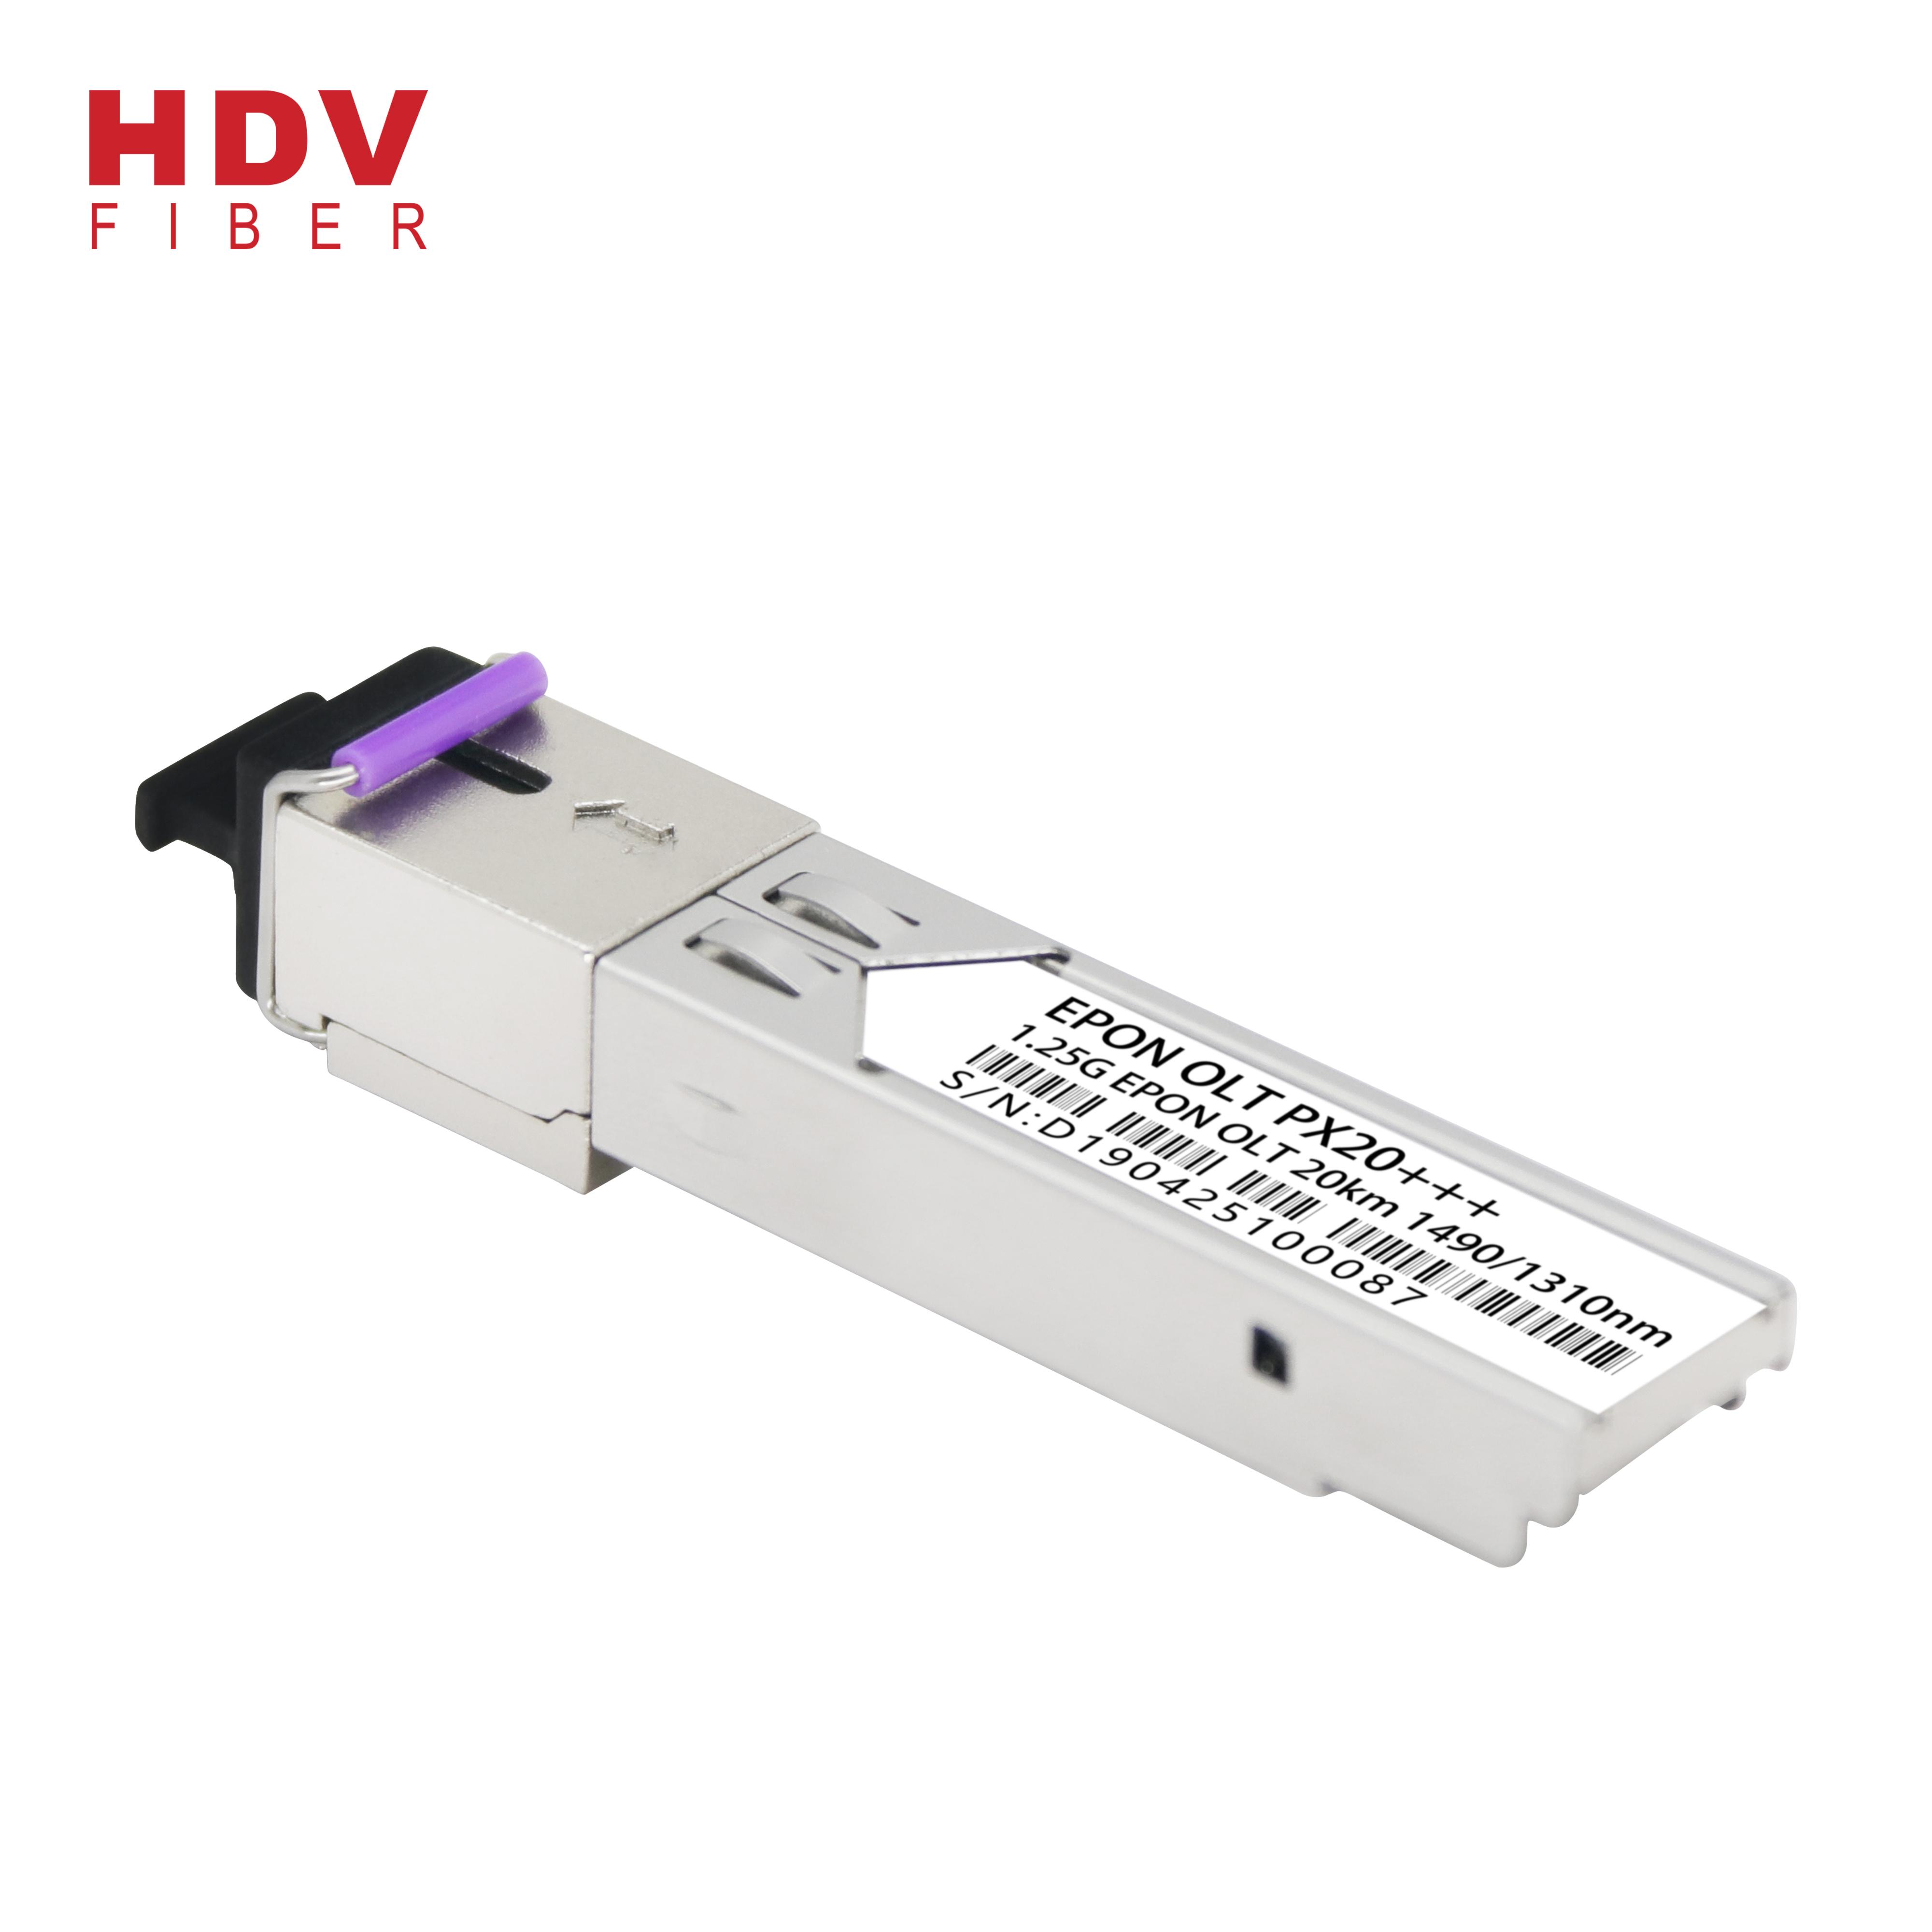 pon module 20km 1.25G px20+++ sfp module epon olt px20 7dBm epon olt sfp transceiver Featured Image